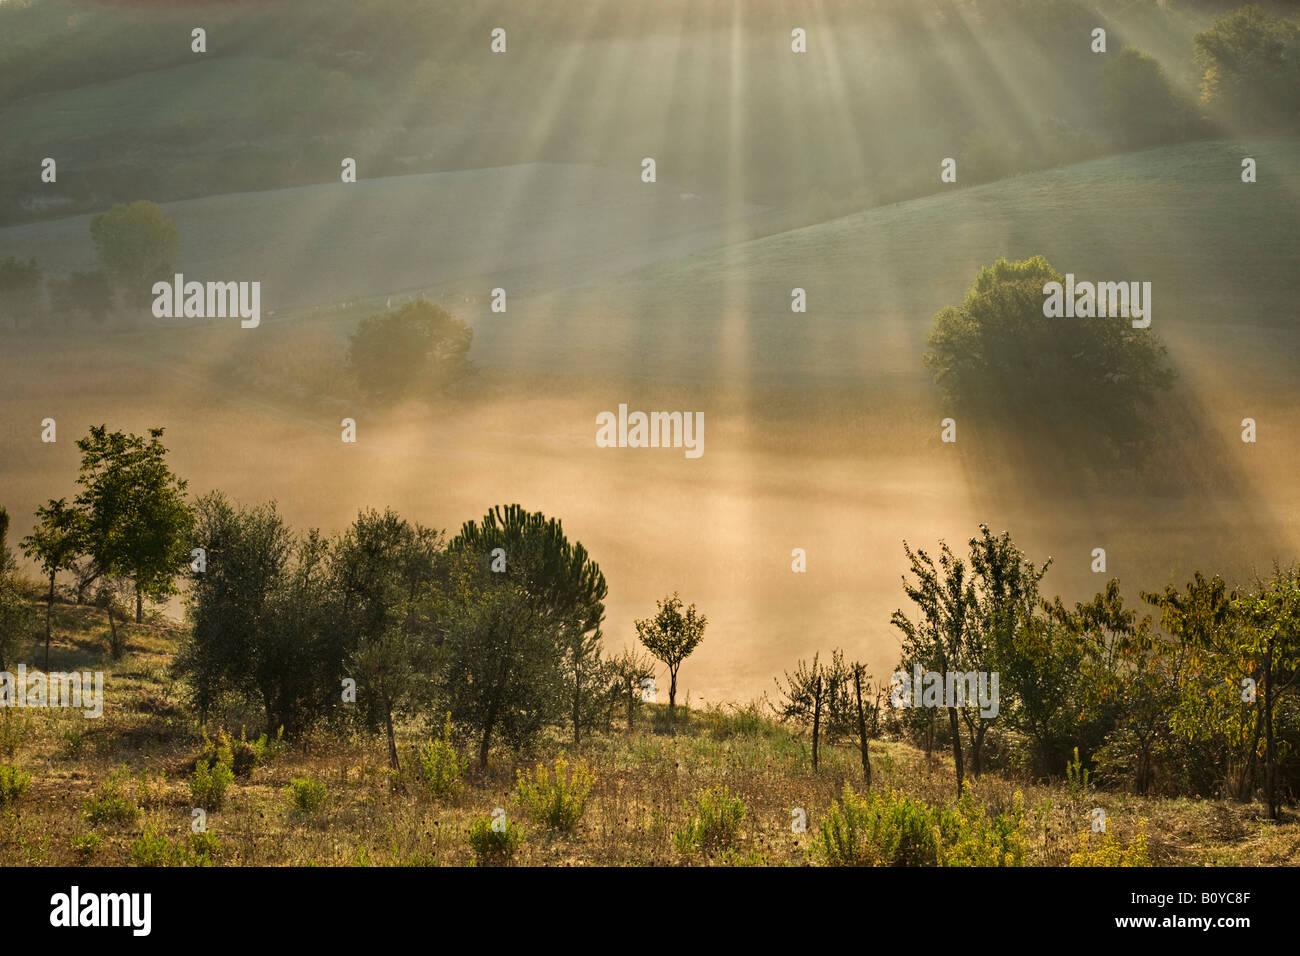 Italien, Toskana, Olivenbäume im Morgennebel Stockbild